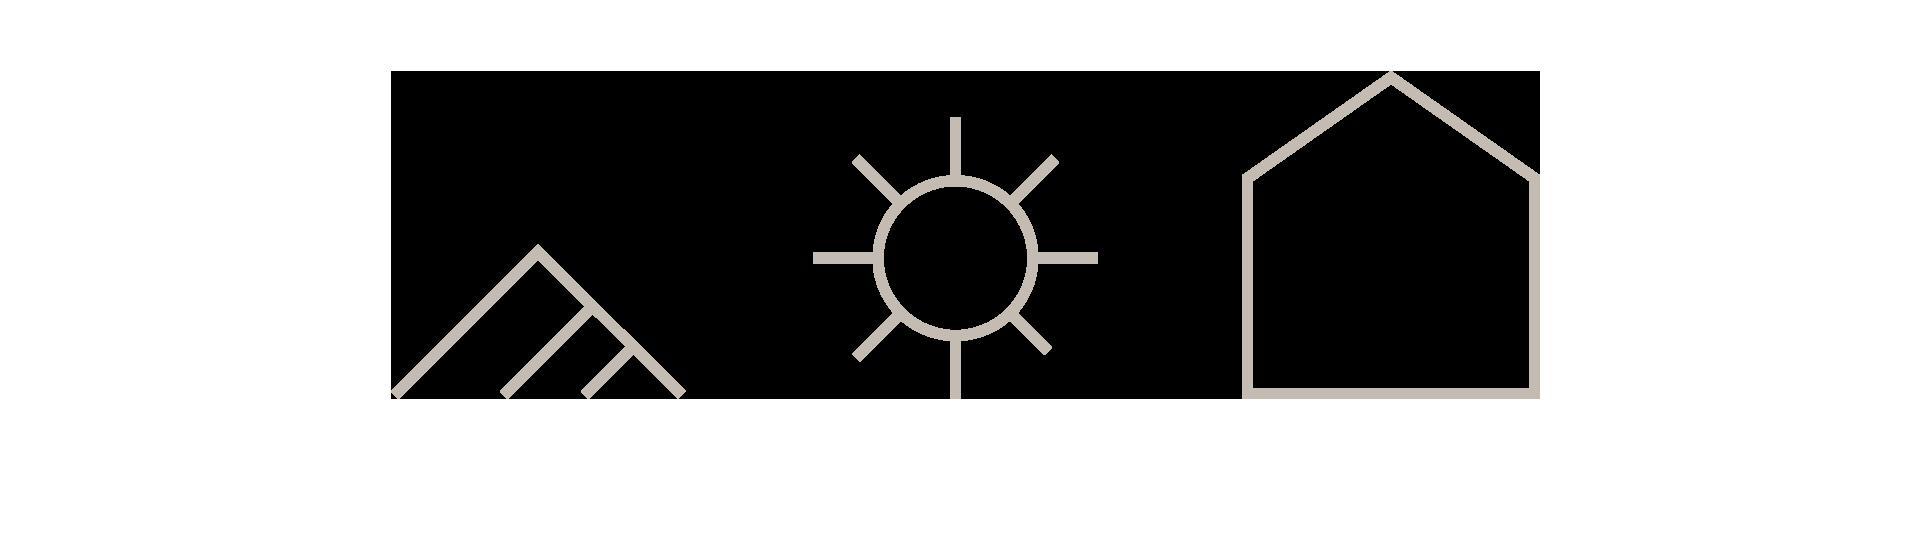 Symboler for Raubergstulen, visuell identitet og grafisk profil, Haus bryå